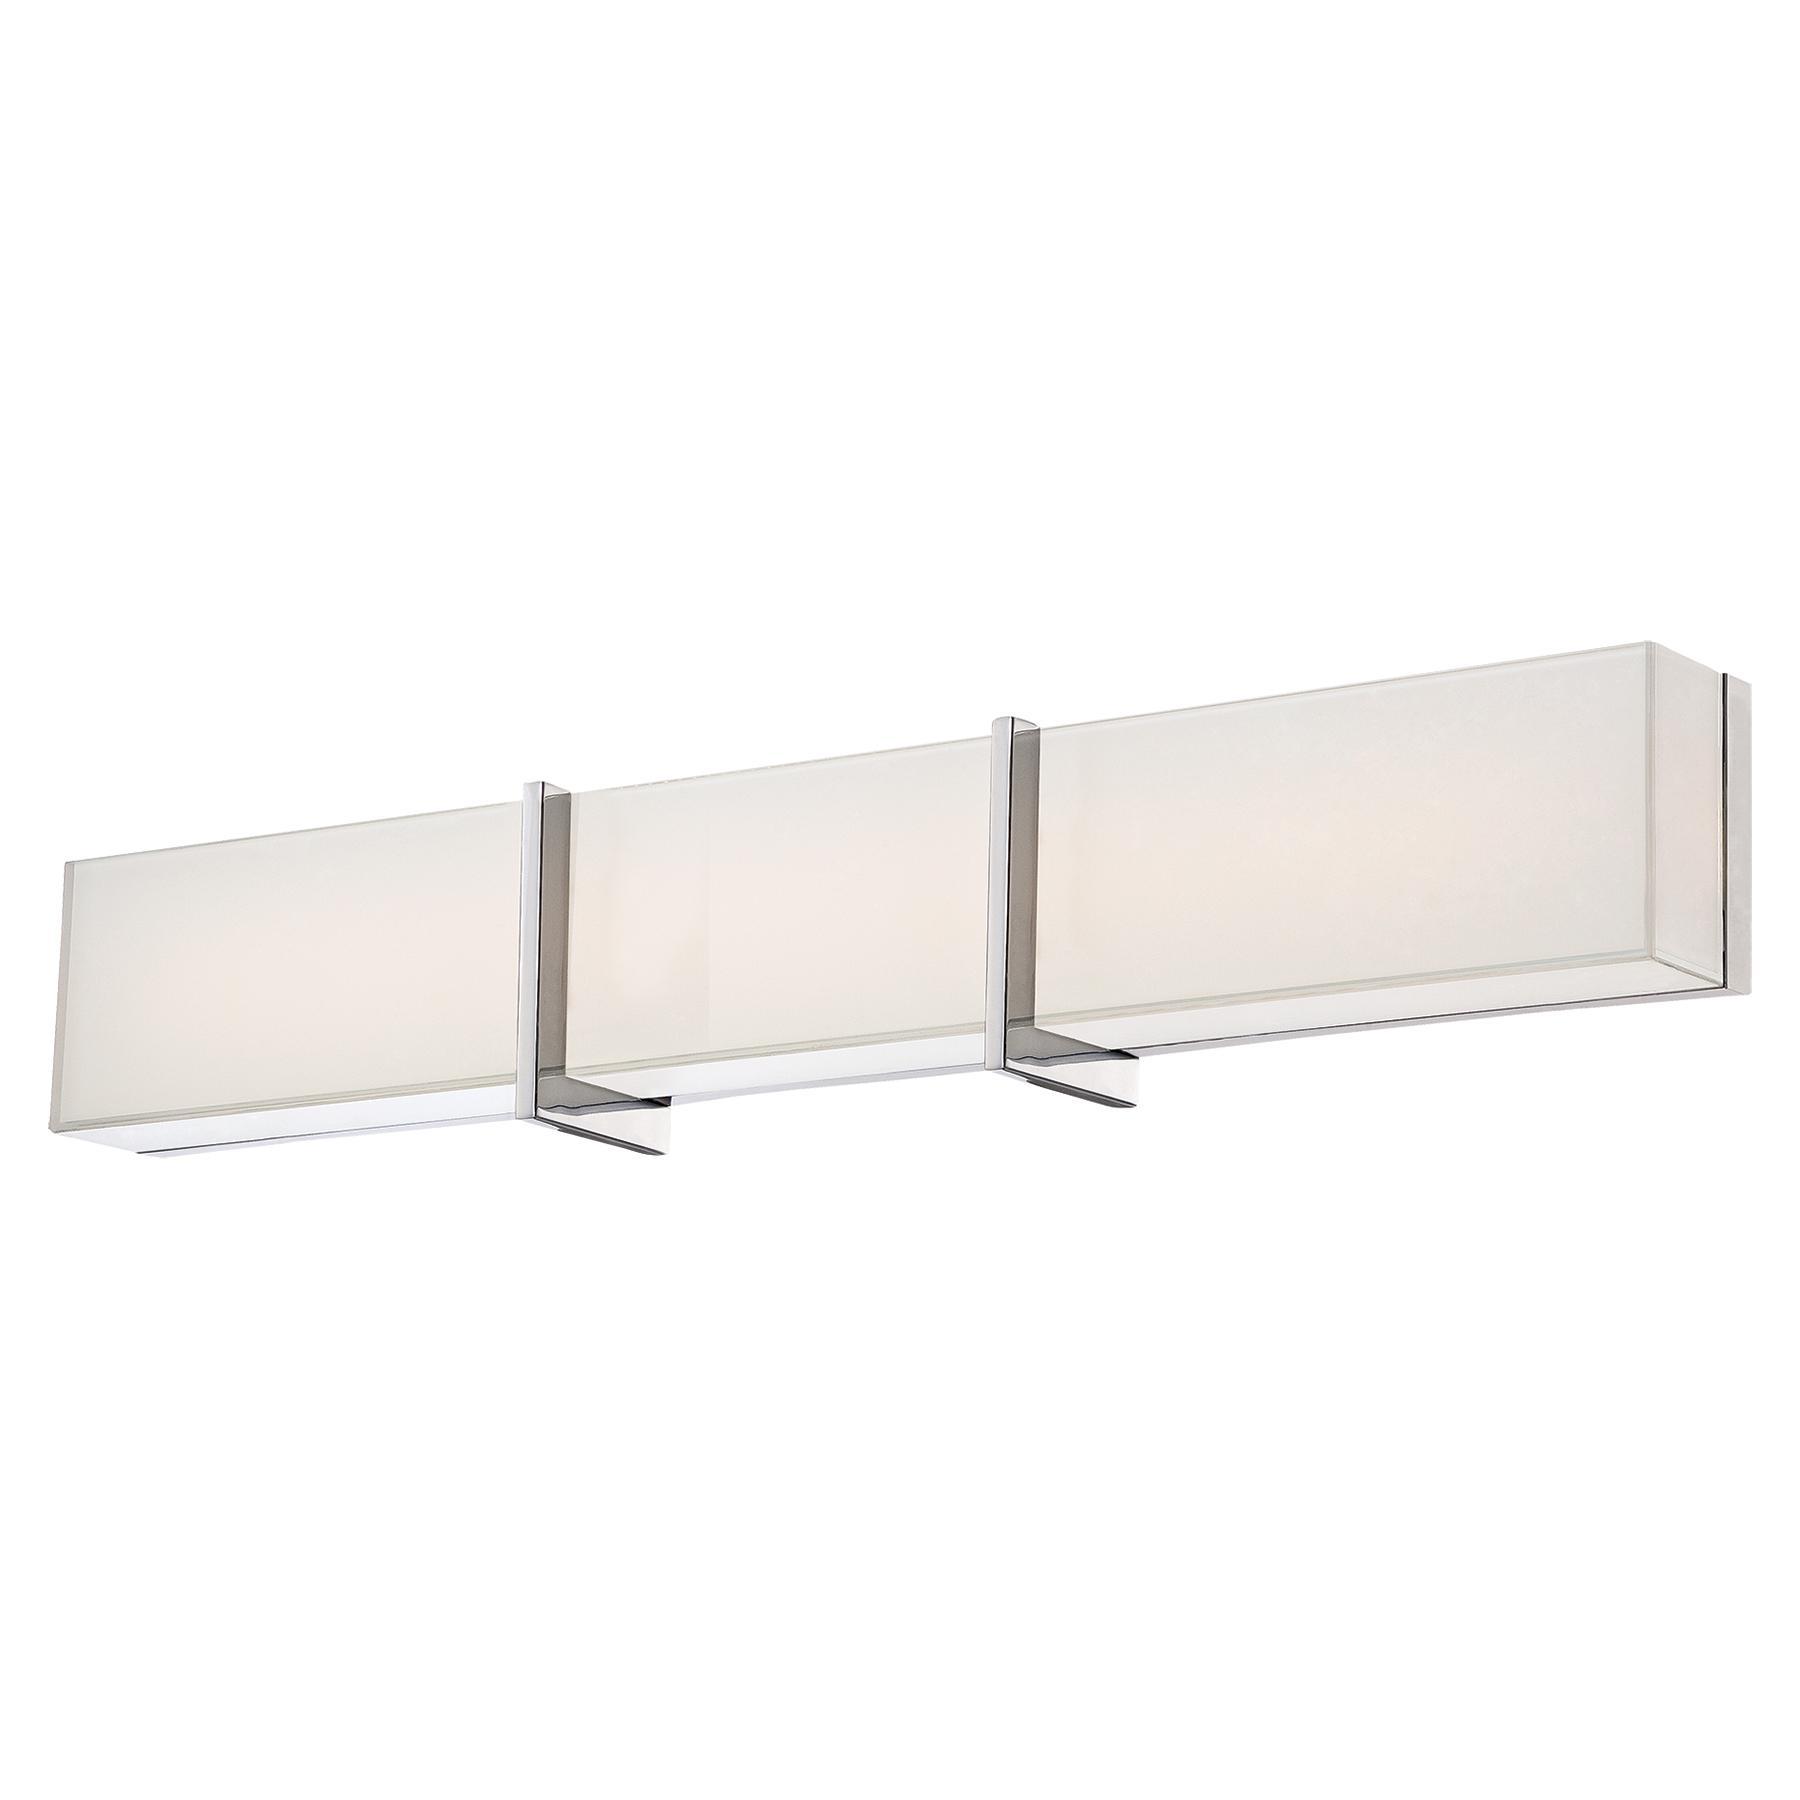 minka lavery bathroom lighting. Minka Lavery Bathroom Lighting